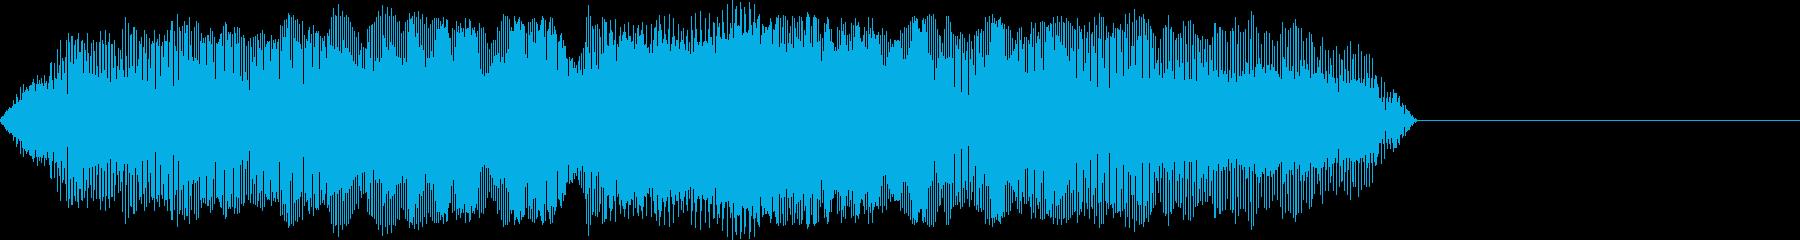 ウゥ~...(悪魔のうめき声)の再生済みの波形